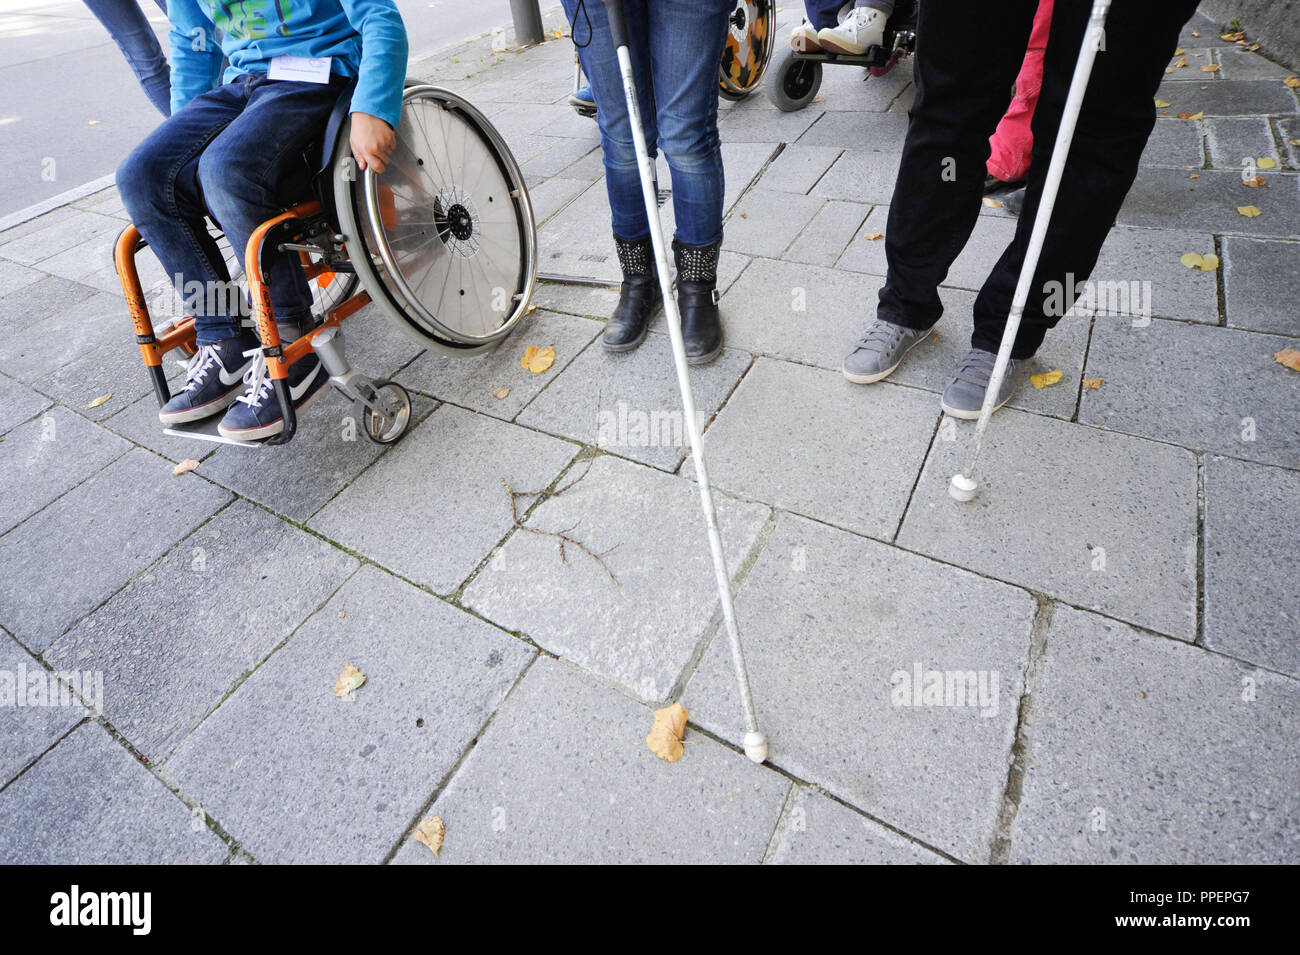 Kinder können ausprobieren, wie es mit disablities zu bewegen durch die Stadt zusammen mit betreuungspersonen von Kjr und behinderte Menschen. Ihre Meinung gelangt dann in den politischen Gremien wie der Bezirk Ausschuss, München, Deutschland Stockbild